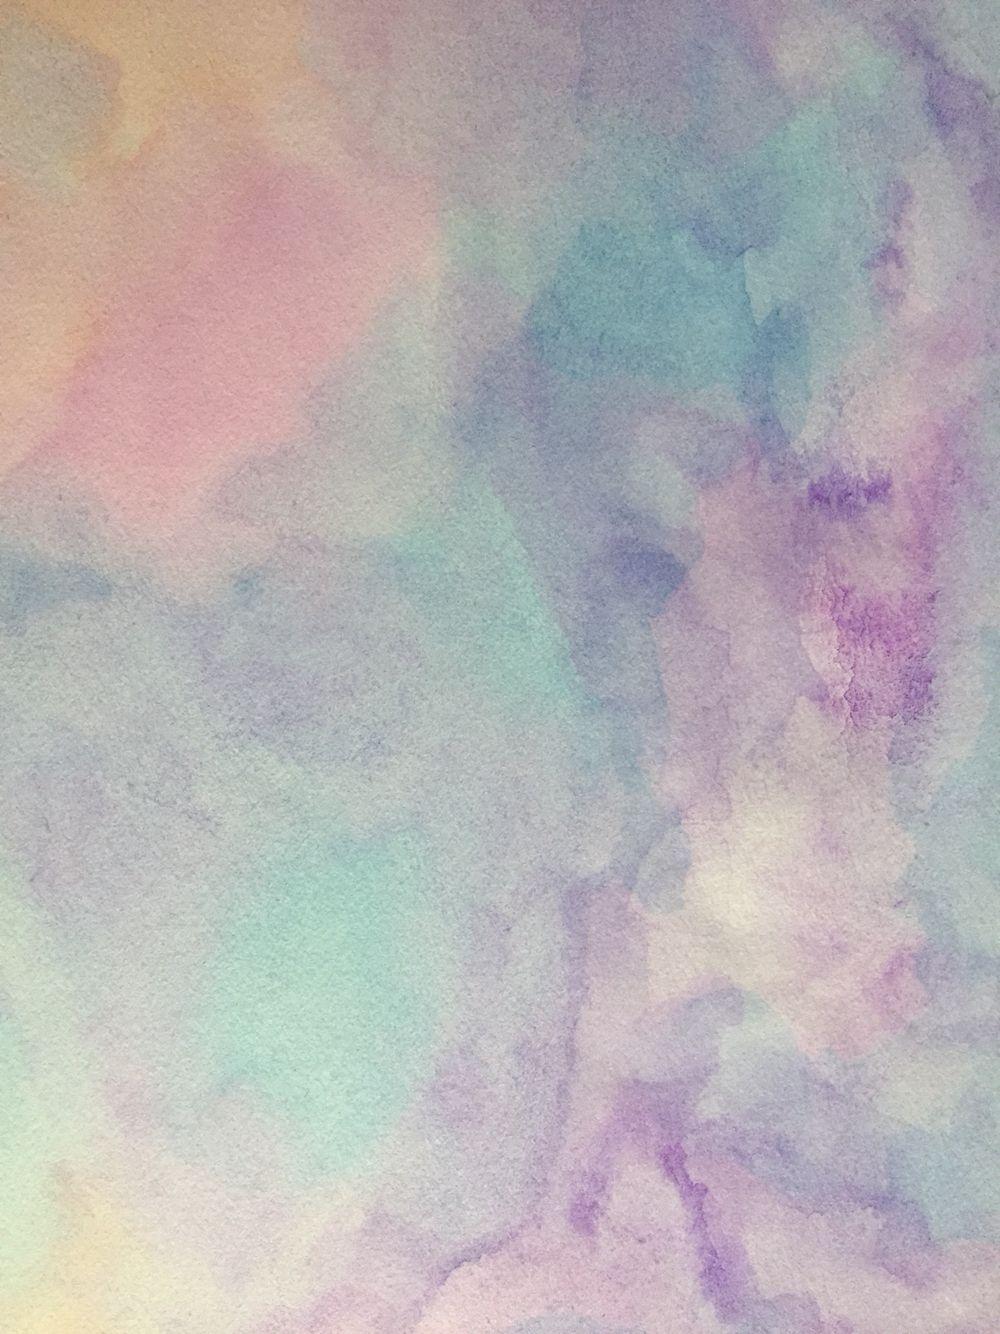 Watercolor pastel sky iPhone wallpaper by flowerpowerart